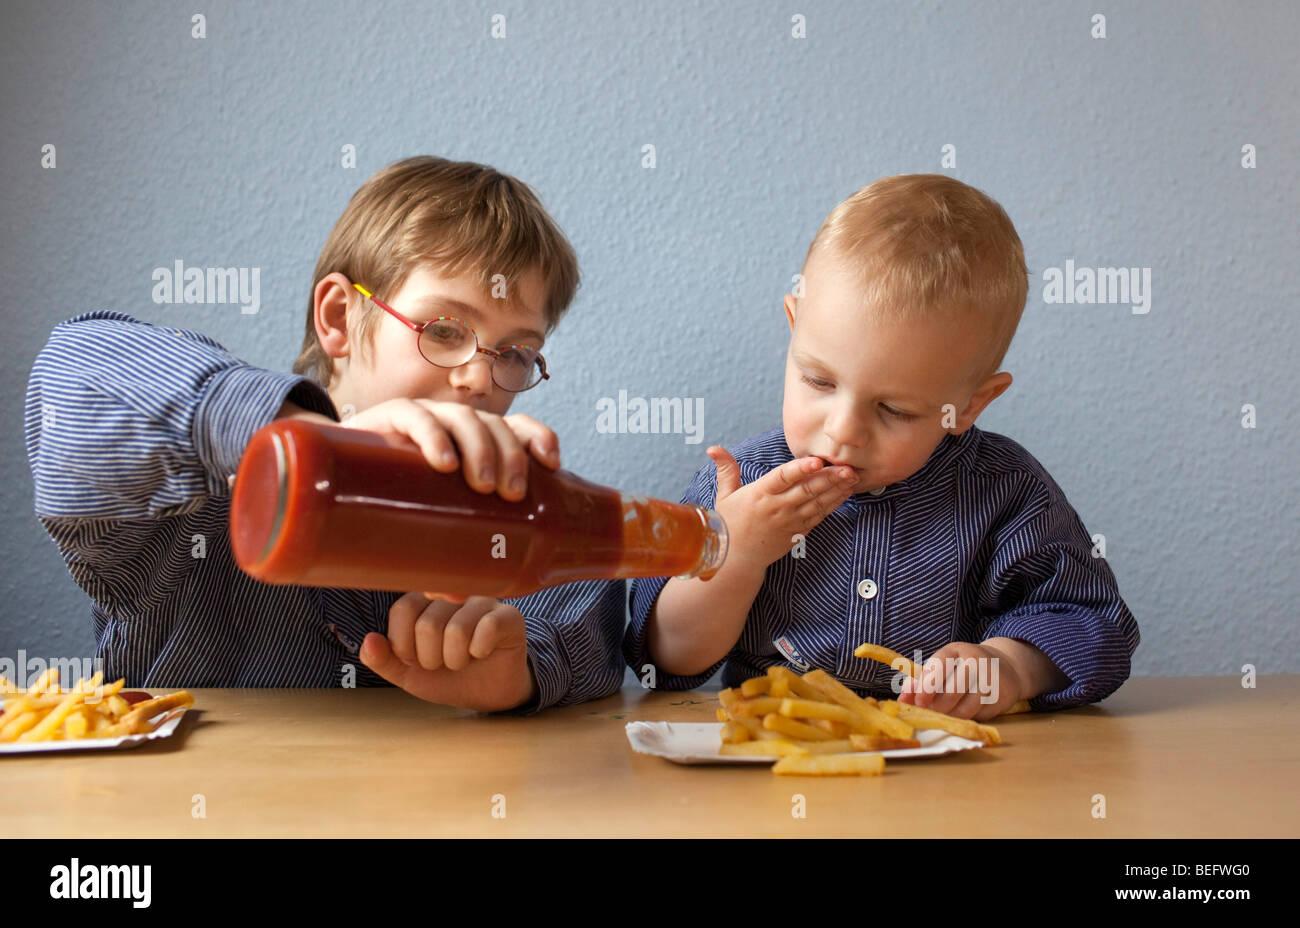 kinder essen pommes frites mit ketchup stock photo royalty free image 26164880 alamy. Black Bedroom Furniture Sets. Home Design Ideas